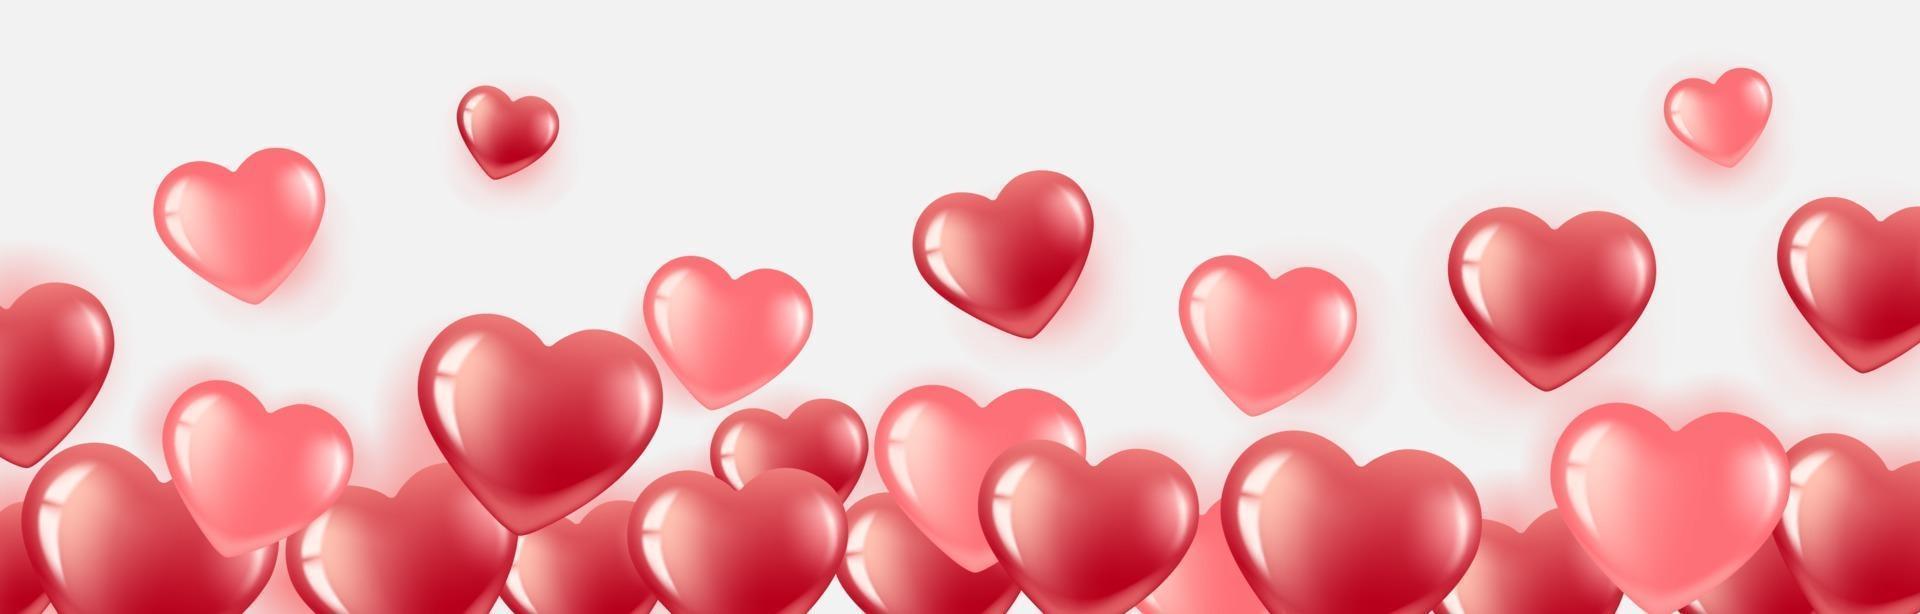 bannière de coeur avec des ballons roses et rouges vecteur